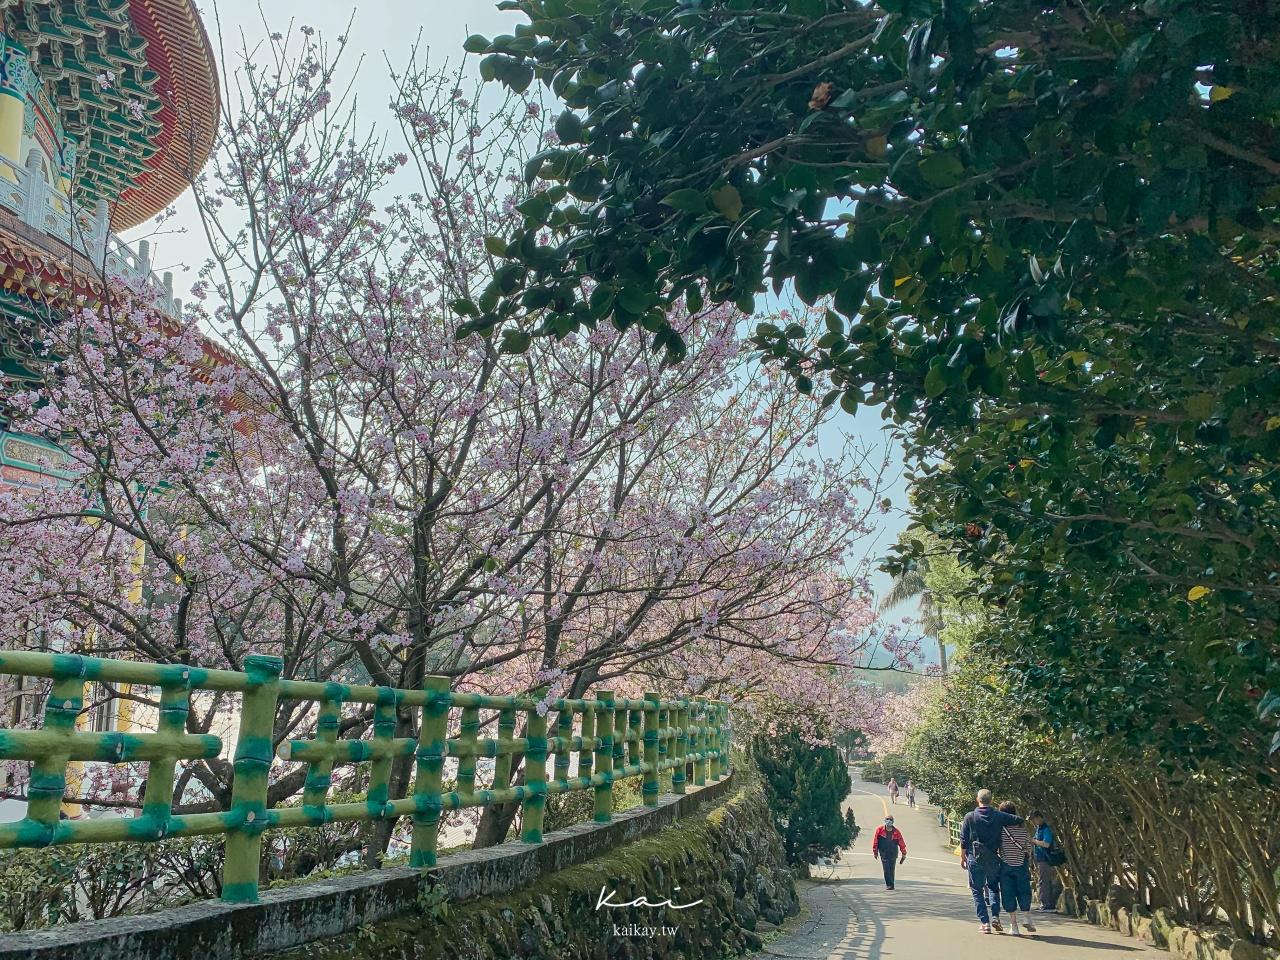 ☆【新北|淡水】2021最新花況!天元宮三色櫻、吉野櫻接力盛放。捷運、公車、停車場資訊